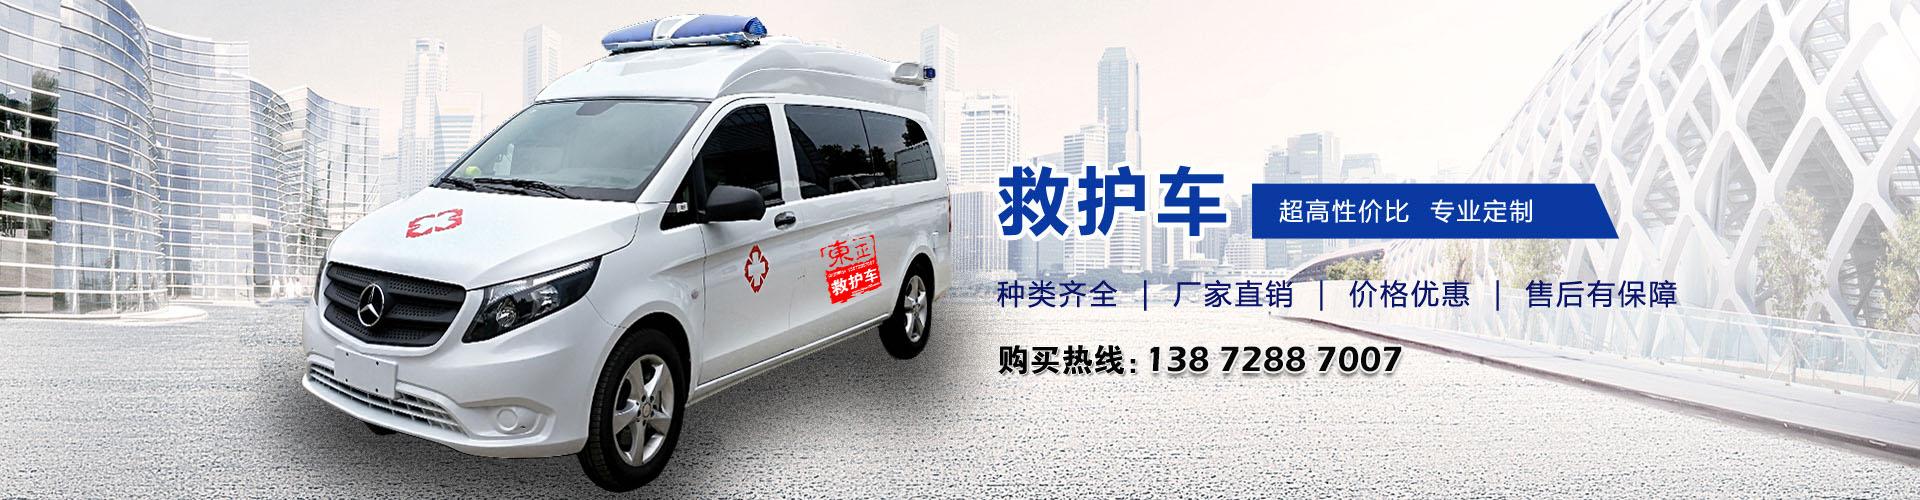 奔驰威霆救护车——东正救护车厂